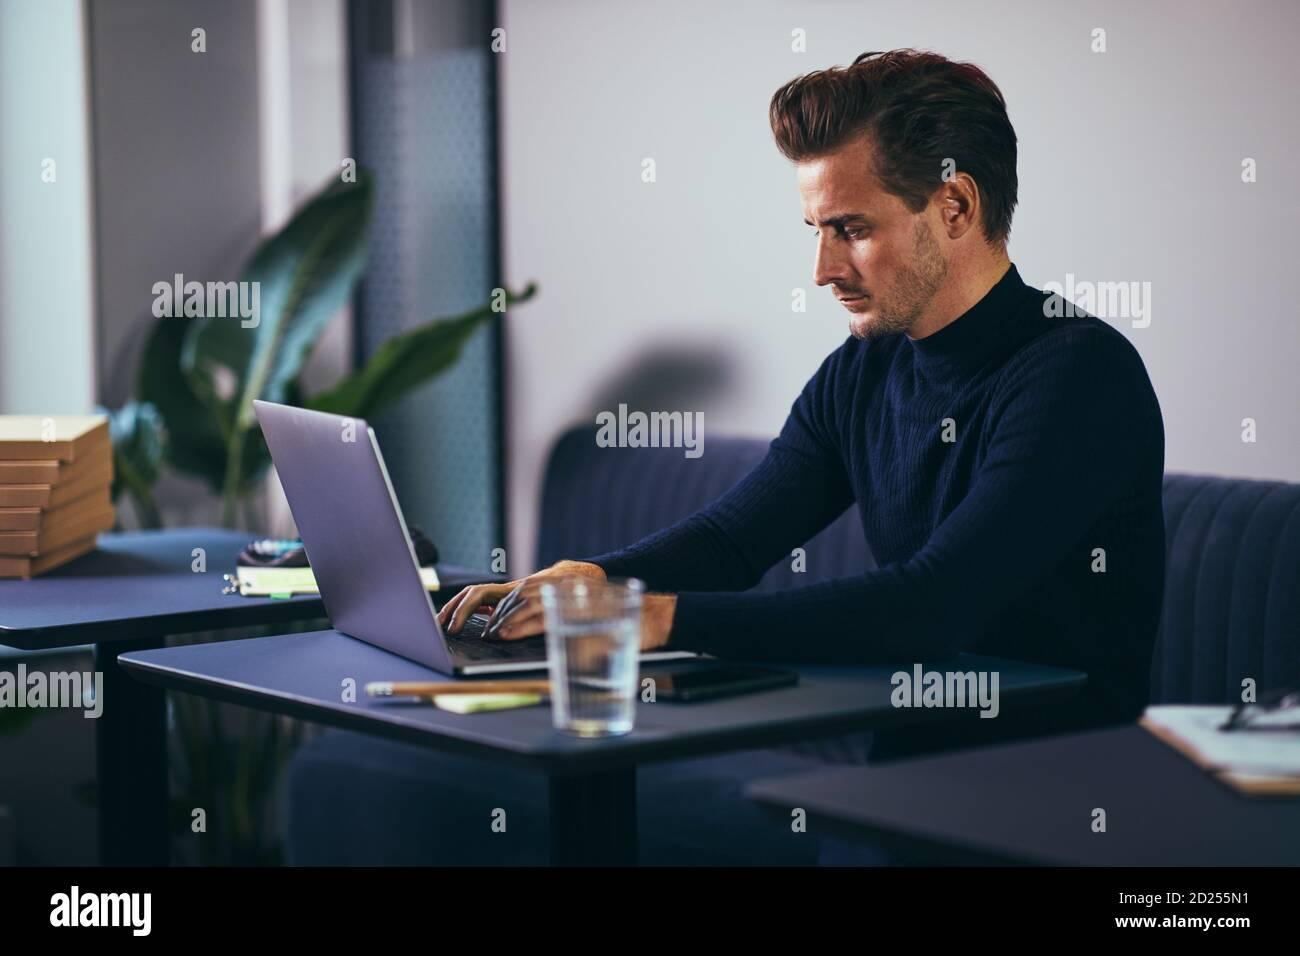 Jeune homme d'affaires concentré travaillant sur un ordinateur portable tout en étant assis à un bureau dans un espace de bureau partagé Banque D'Images